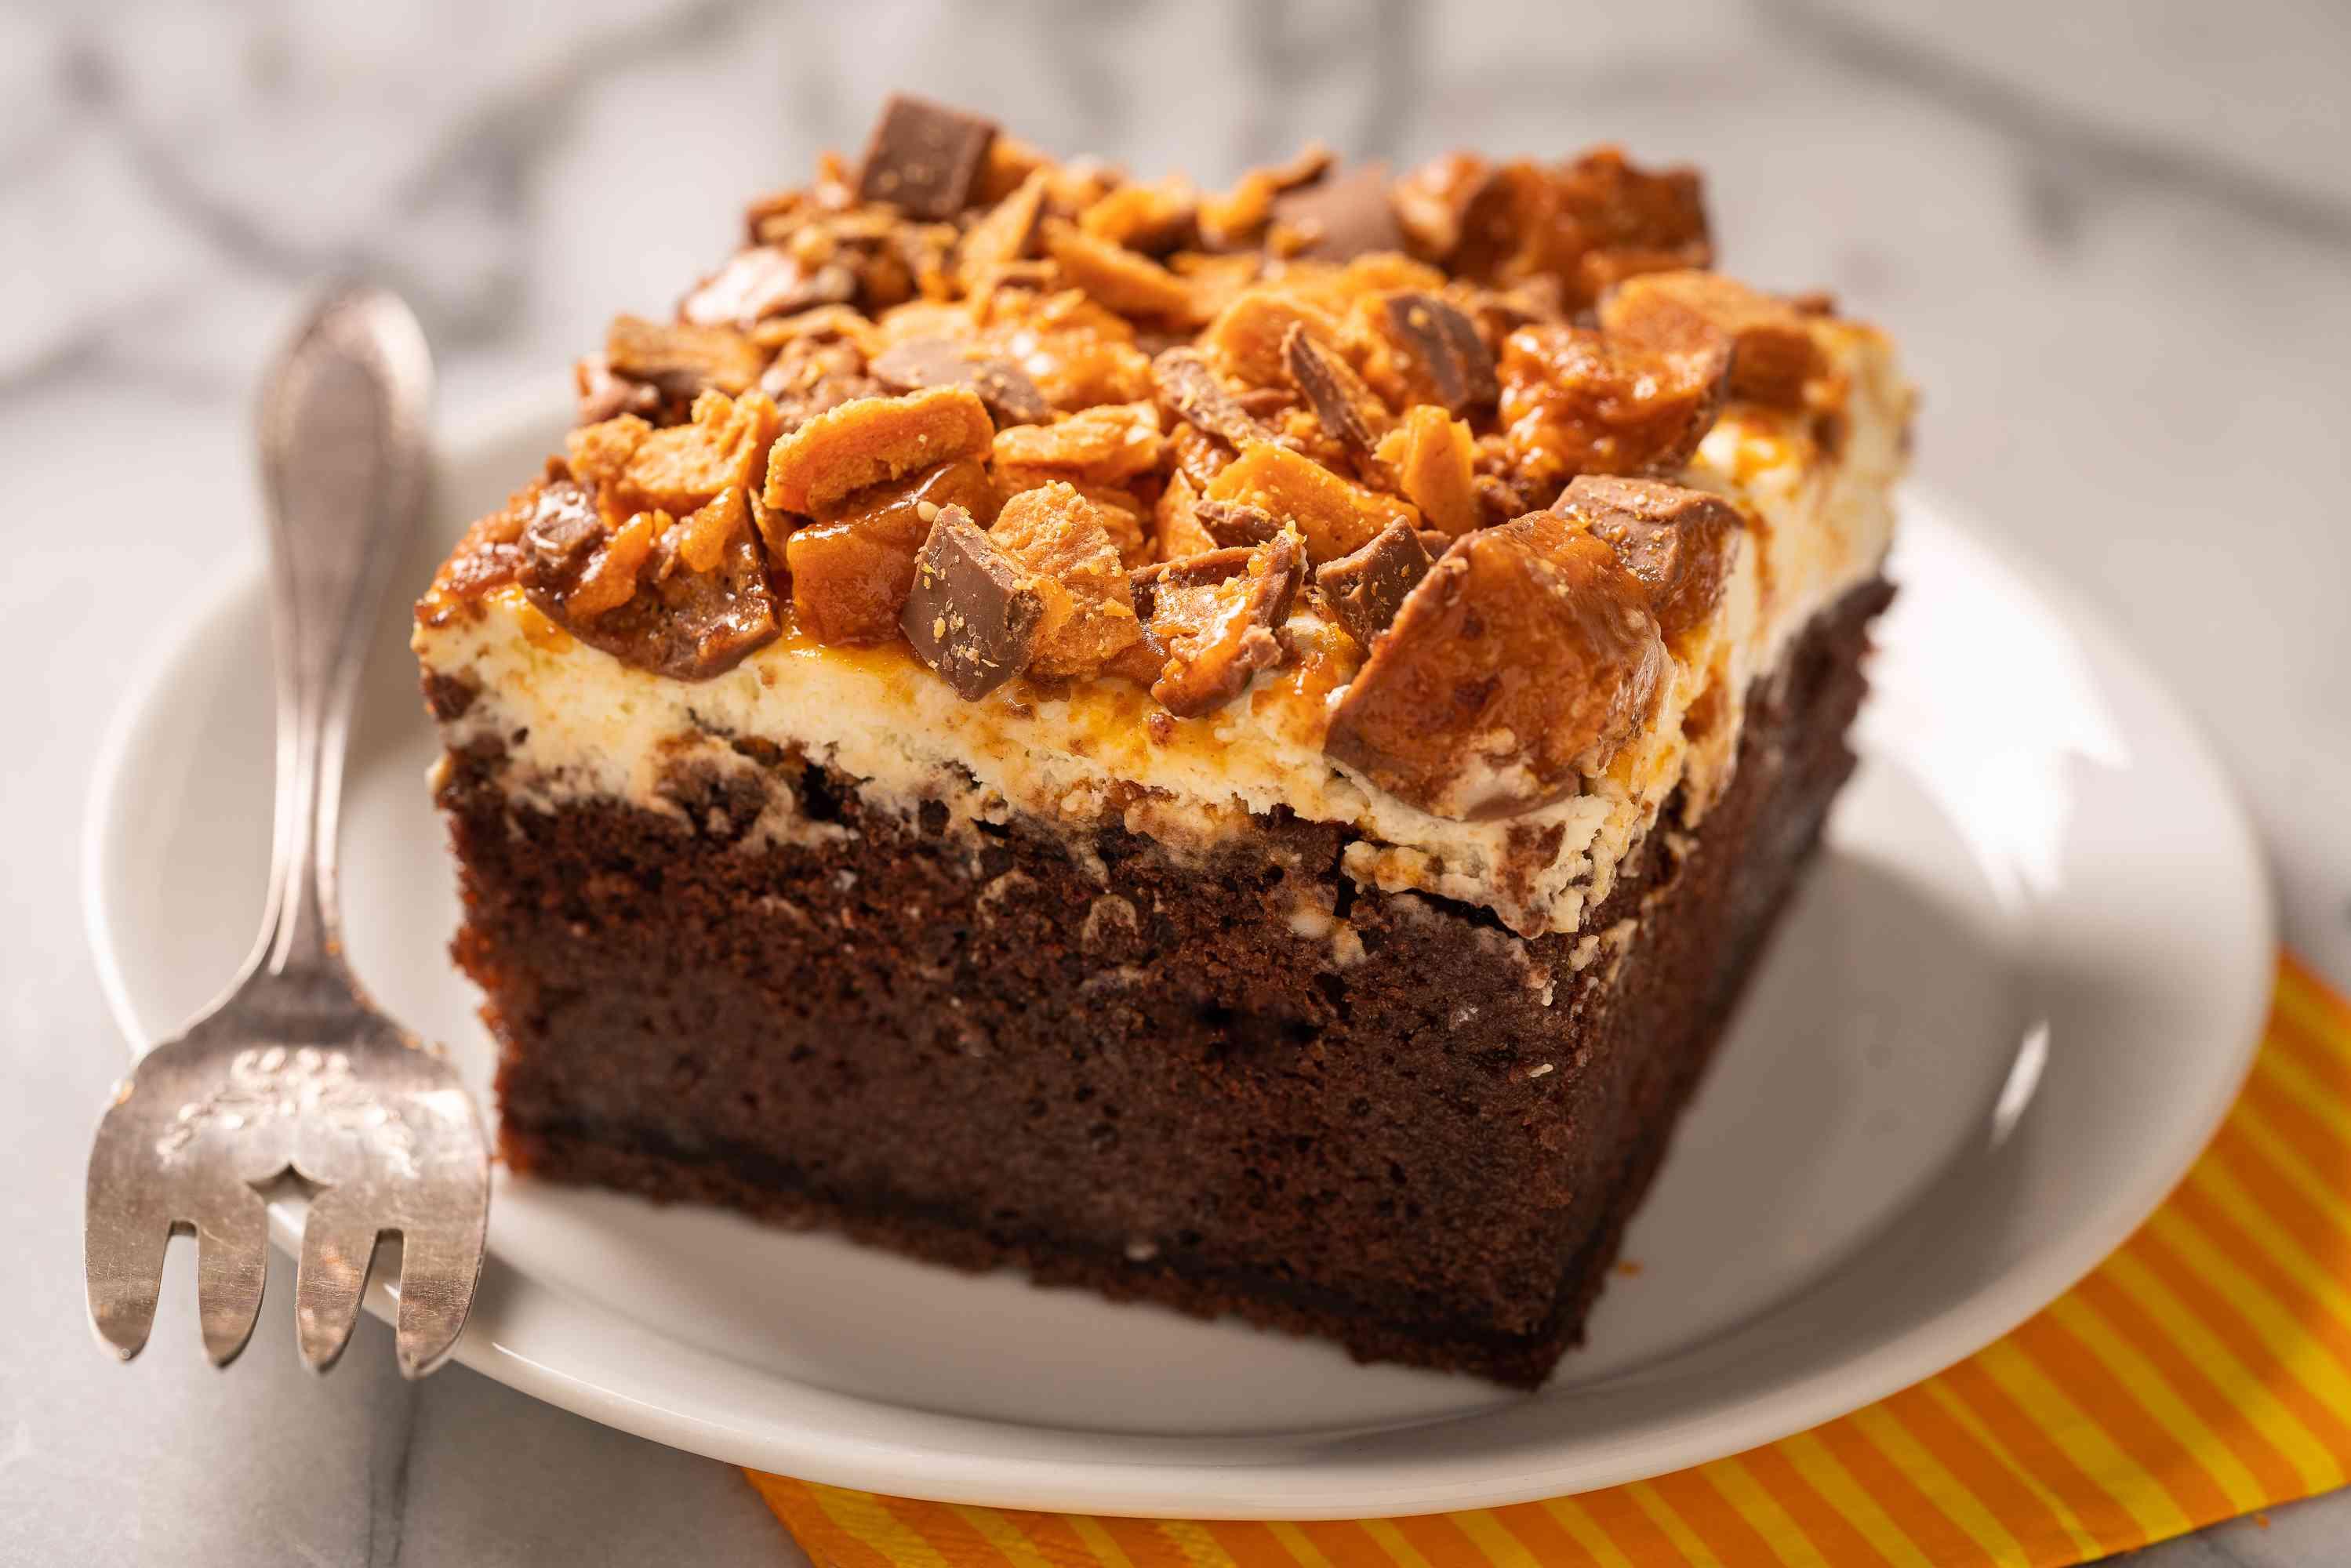 Serve the Butterfinger Cake